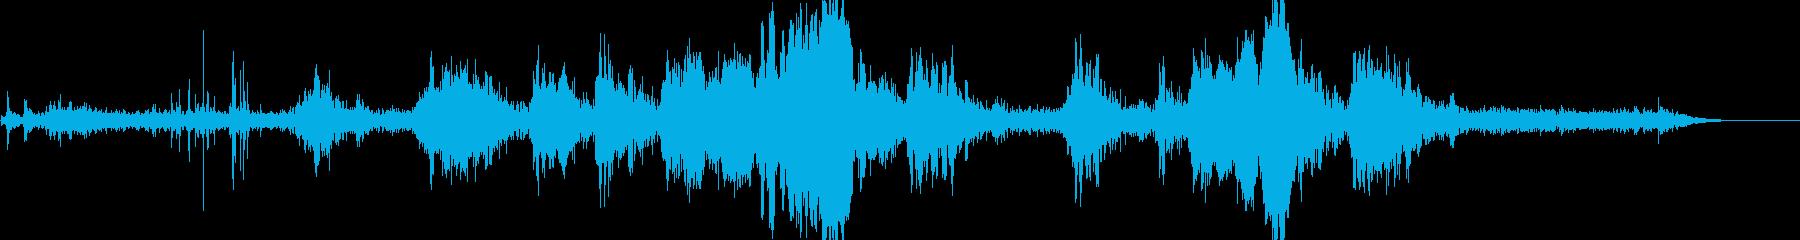 スカウトトラック:インテリアスター...の再生済みの波形